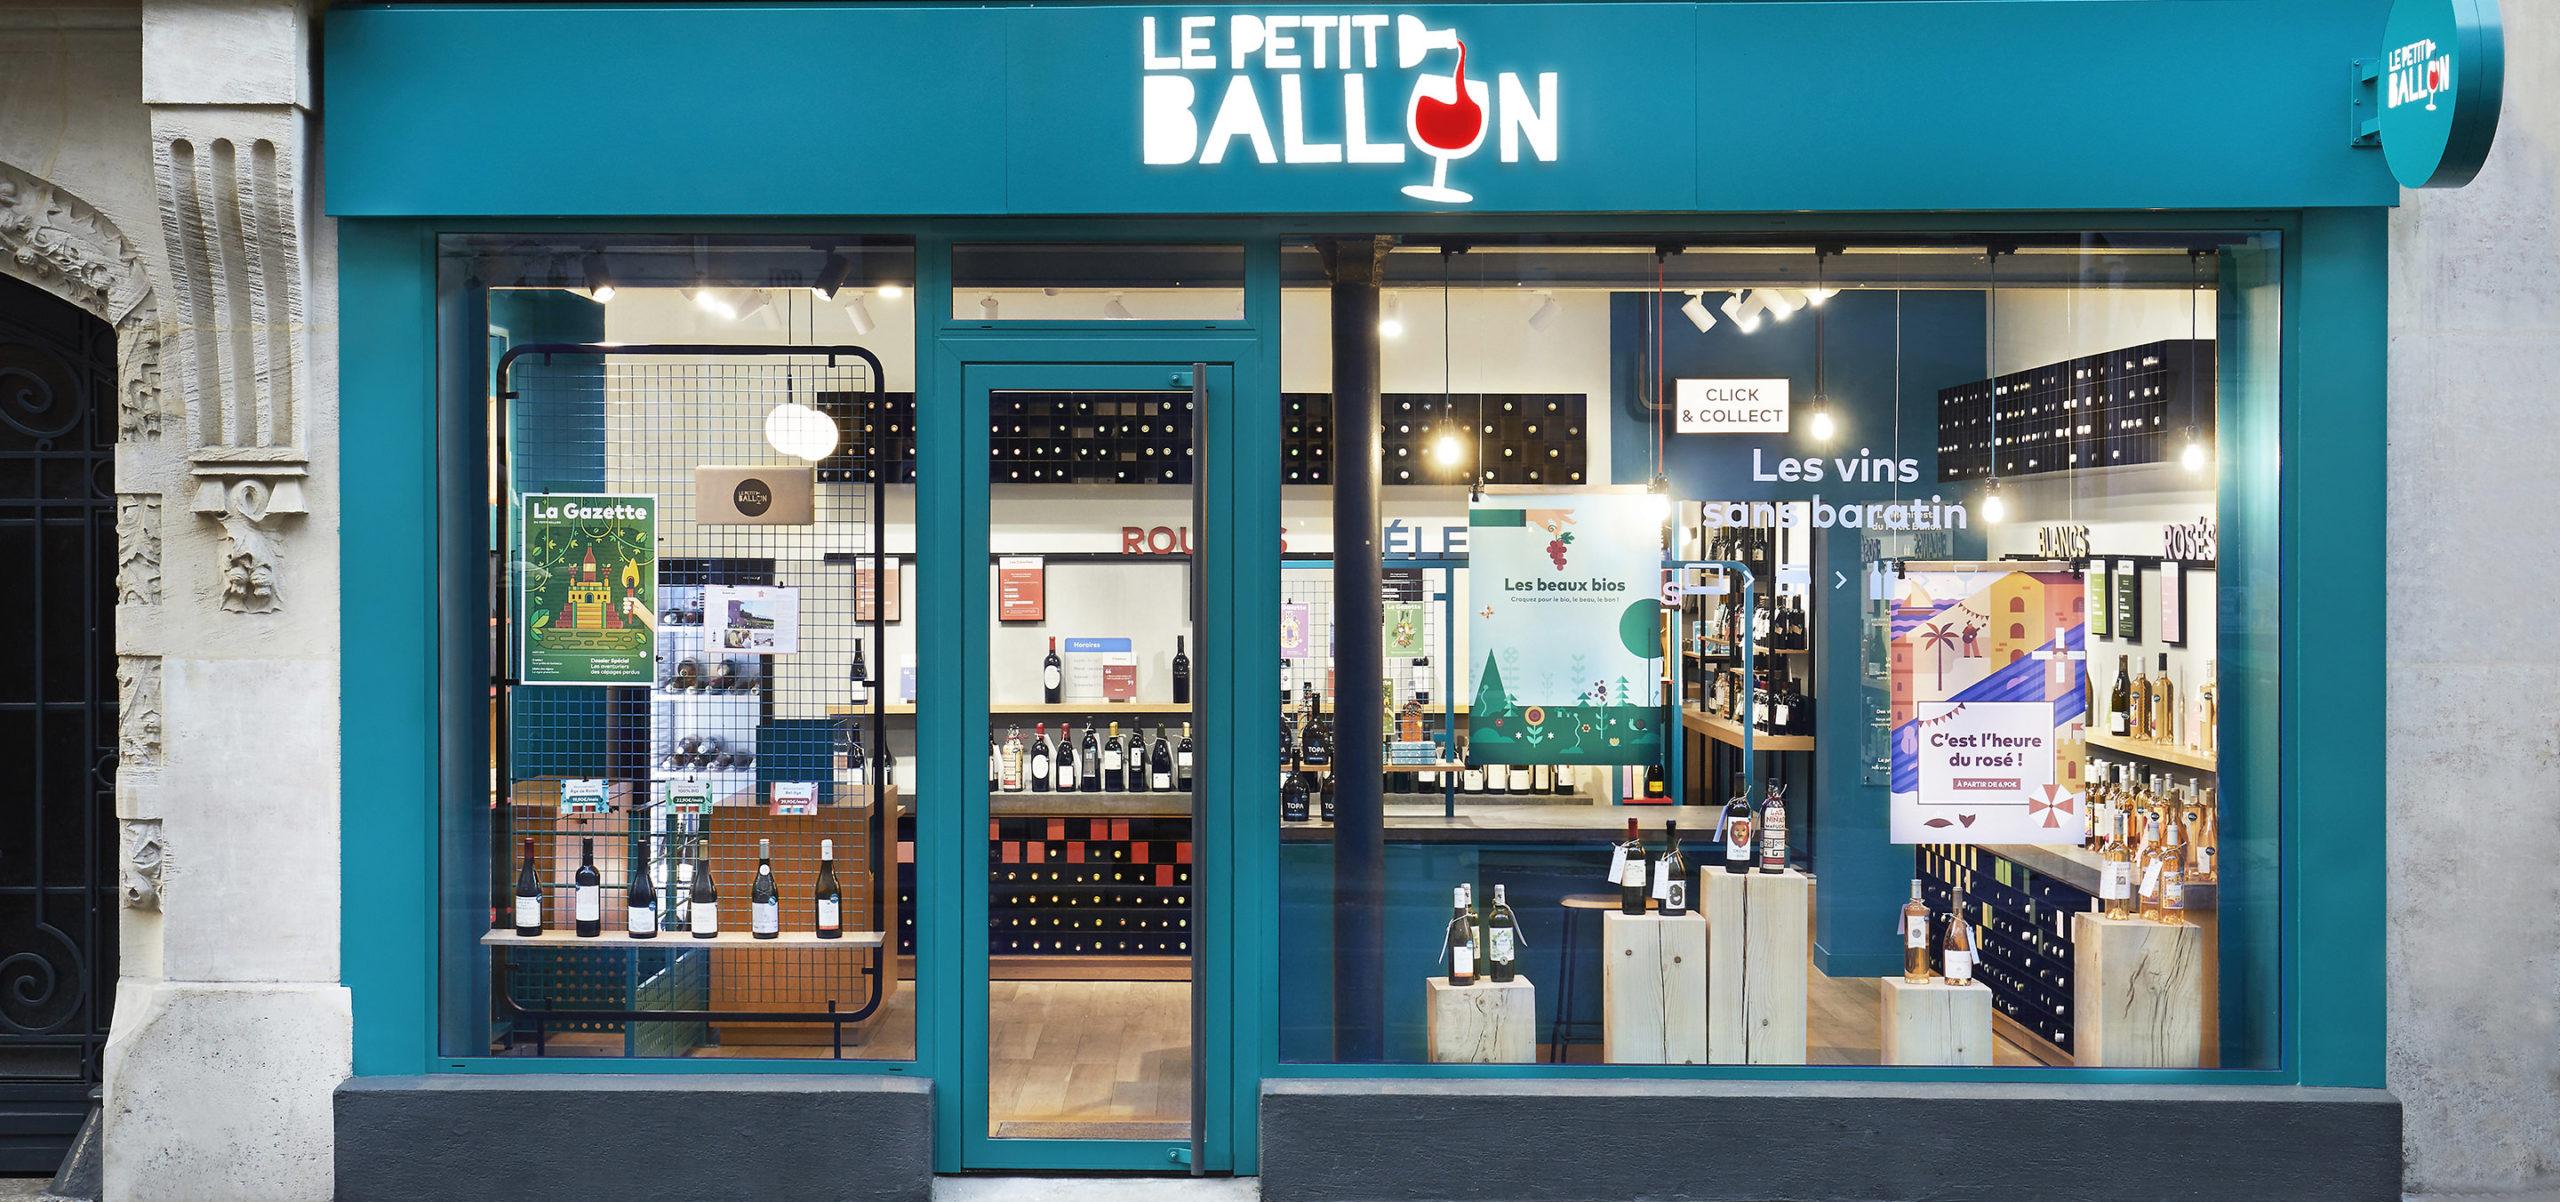 Label Experience : photo de la façade extérieure de la boutique Le Petit Ballon à Paris